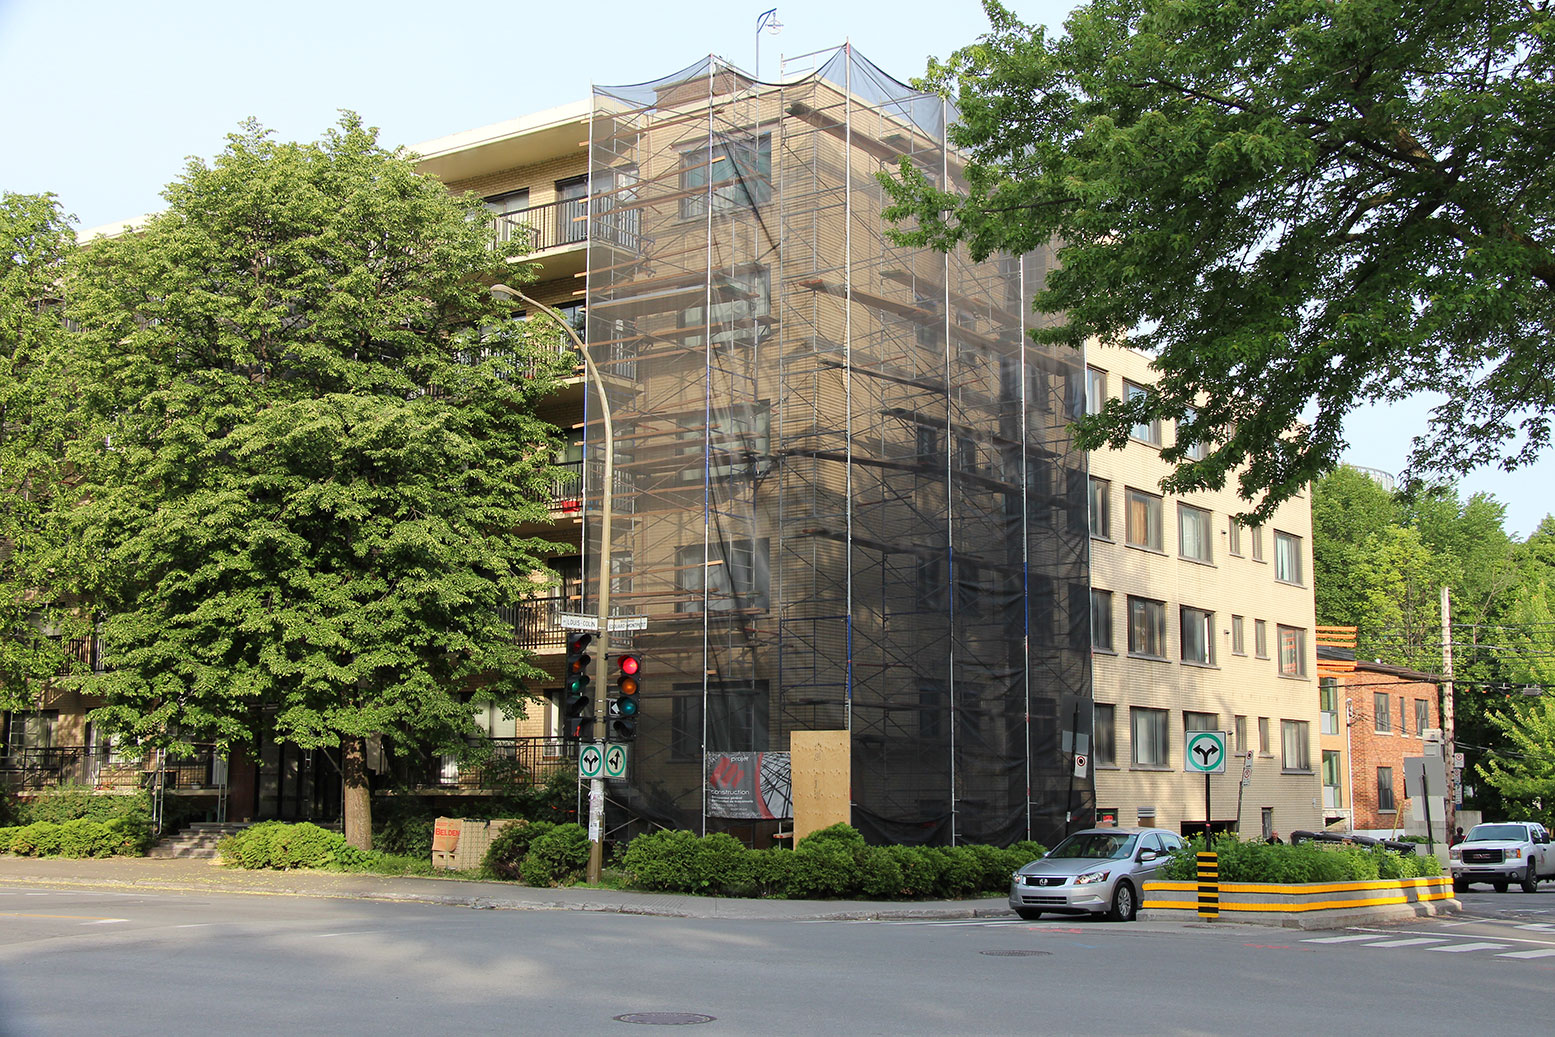 Projet M Construction - Bâtisse résidentielle et commerciale - Outremont, Montréal - Réfection générale de la maçonnerie